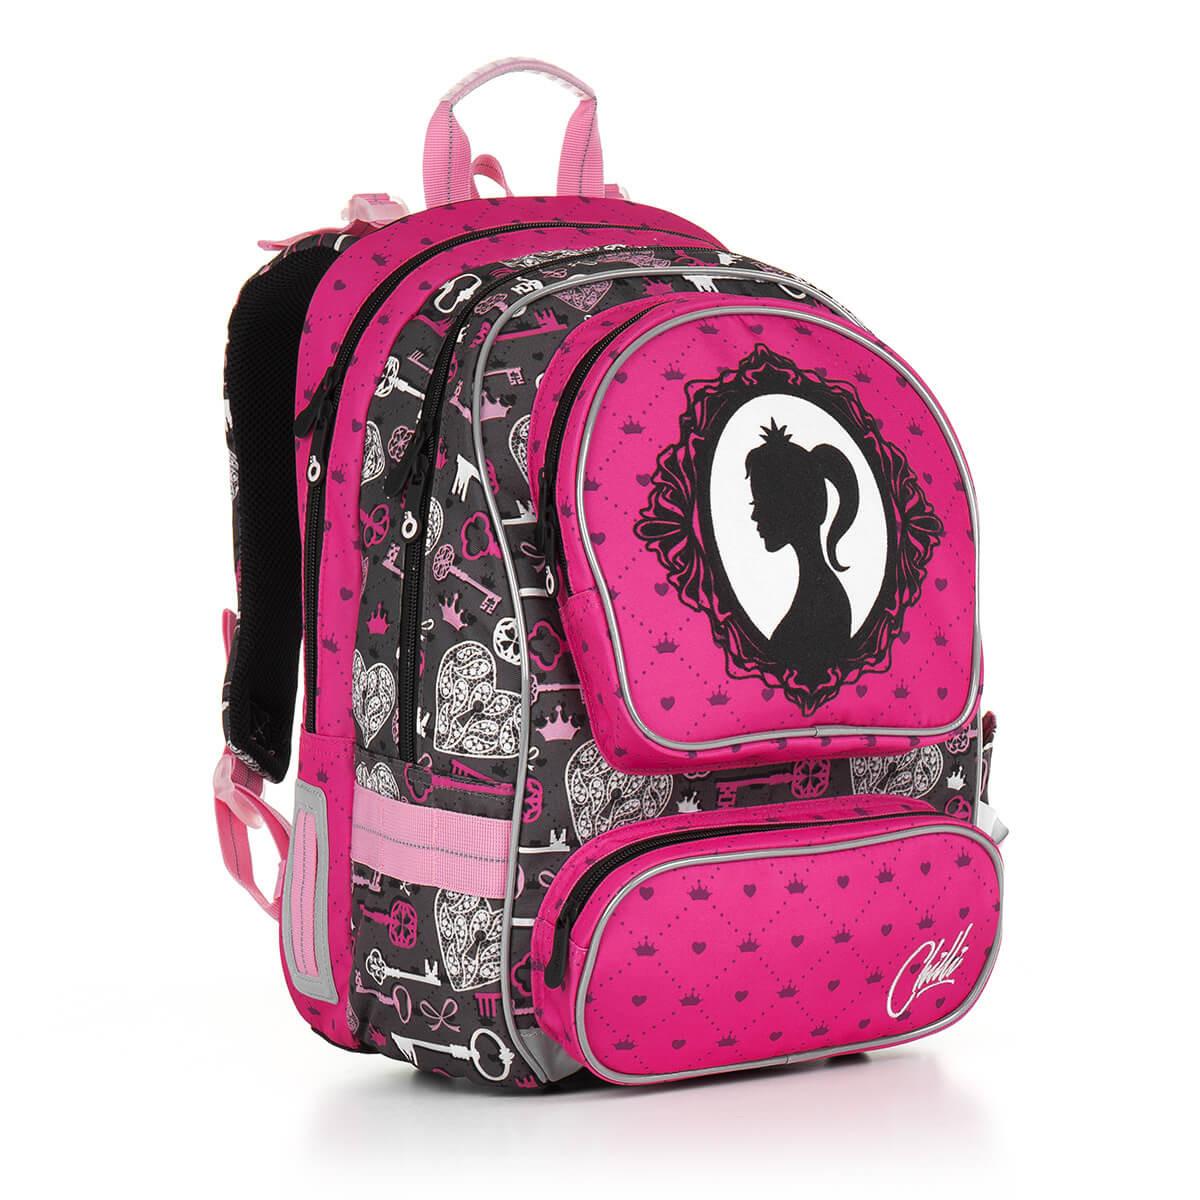 ae8e7a5fc59 Školní batoh Topgal - CHI 875 H - Pink